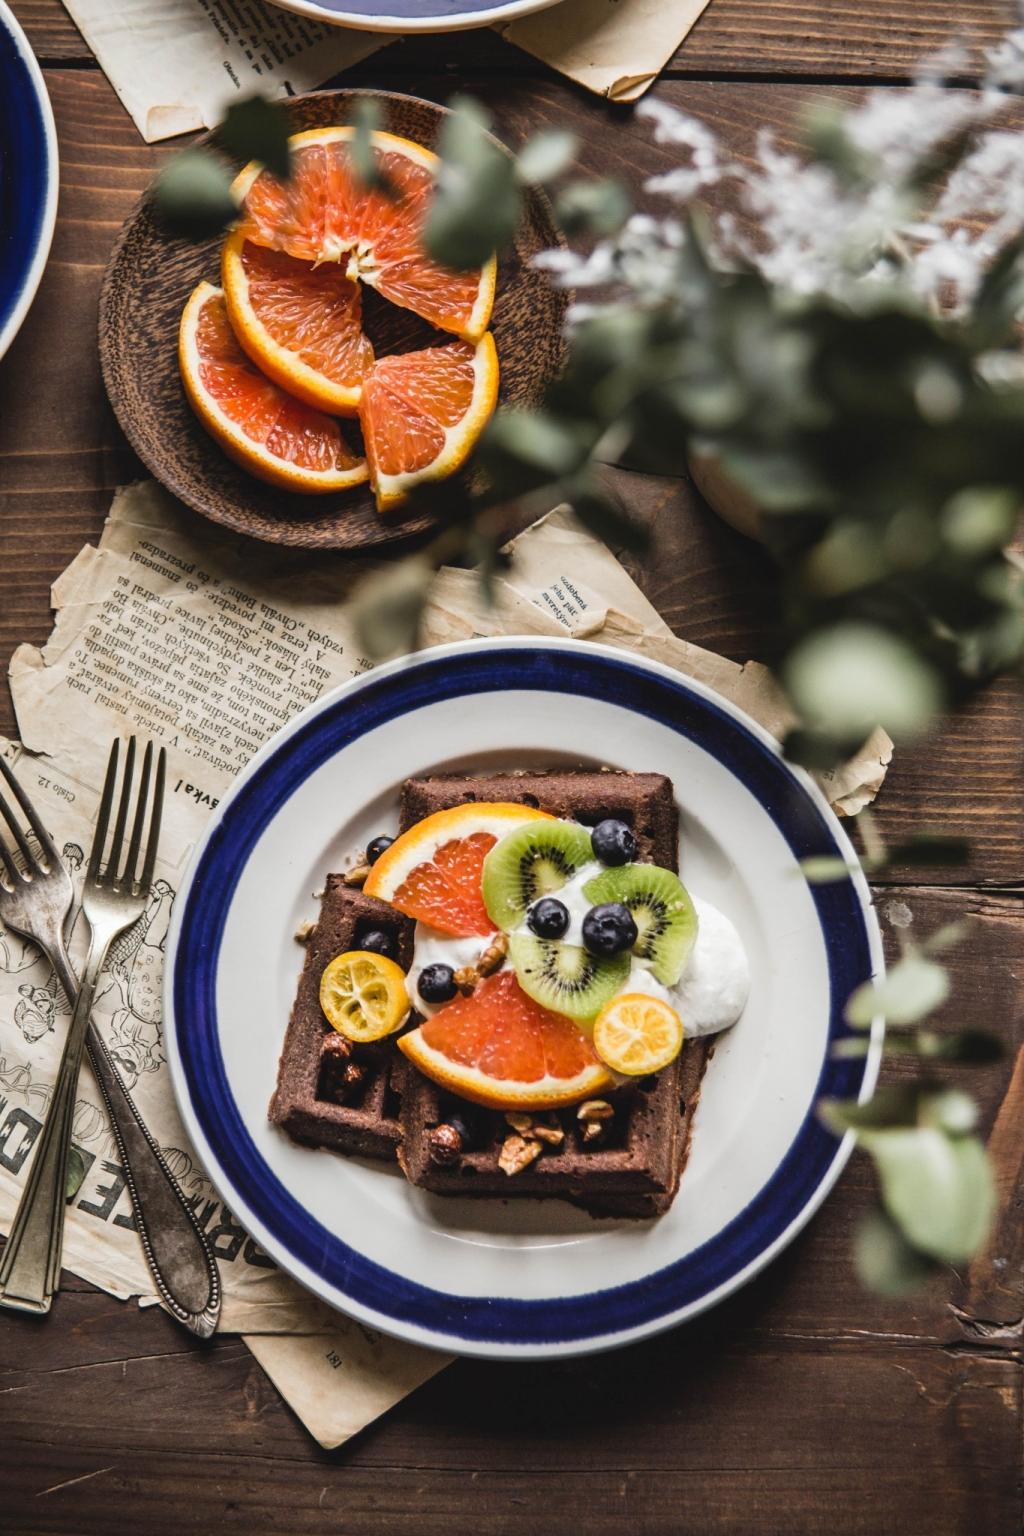 Sladké raňajky (vafličky s ovocím)